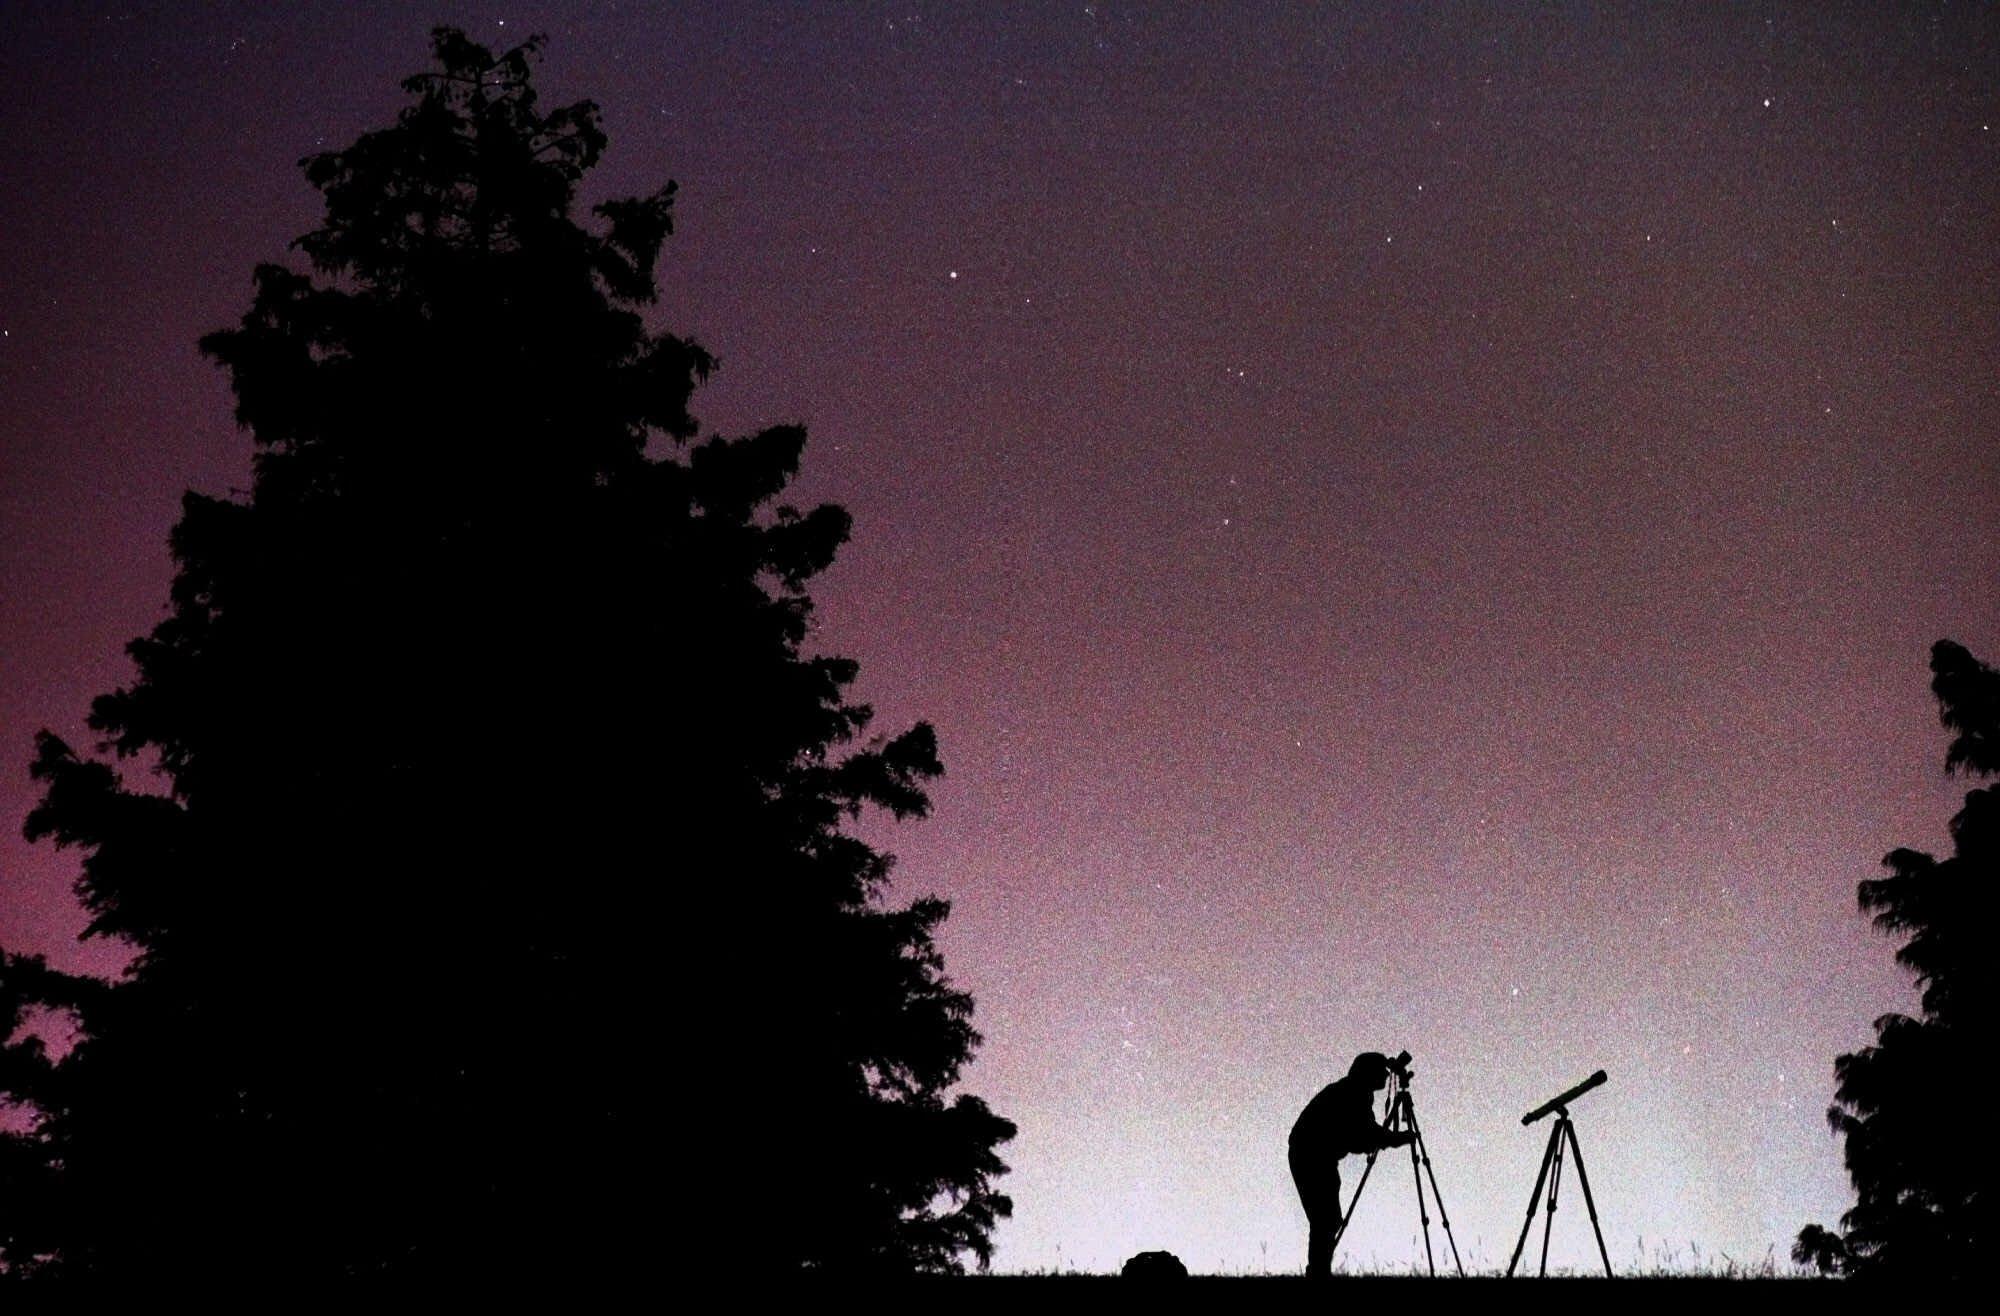 1999年11月18日,攝影師賽勒斯(Jay Sailors)正於阿拉巴馬州蒙特哥利市(Montgomery)捕捉獅子座流星雨。(美聯社)